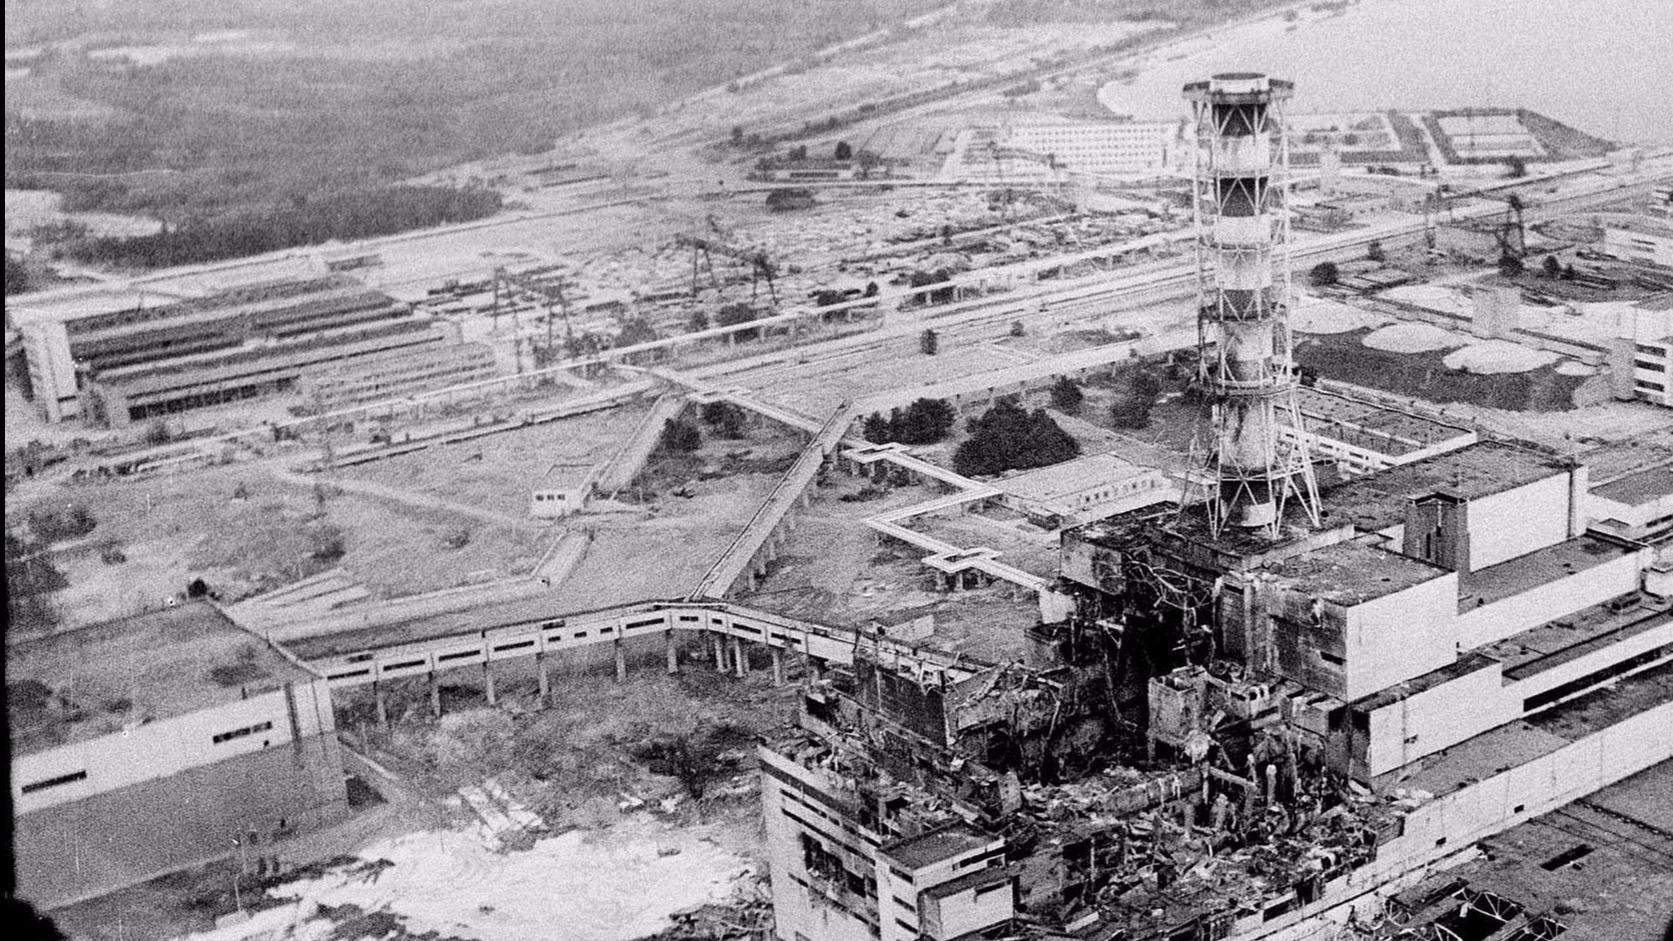 1986-ban, néhány nappal  a katasztrófa után készült légifelvétel a csernobili atomerőműről. Az 1986. április 26-i, a világ eddigi legsúlyosabb katasztrófája a reaktor 4-es blokkjának felrobbanása  volt, melynek következtében  32 ember a helyszínen szörnyethalt, a radioaktiv sugárzás pedig életveszélyesen megnőtt a térségben. MTI FOTÓ